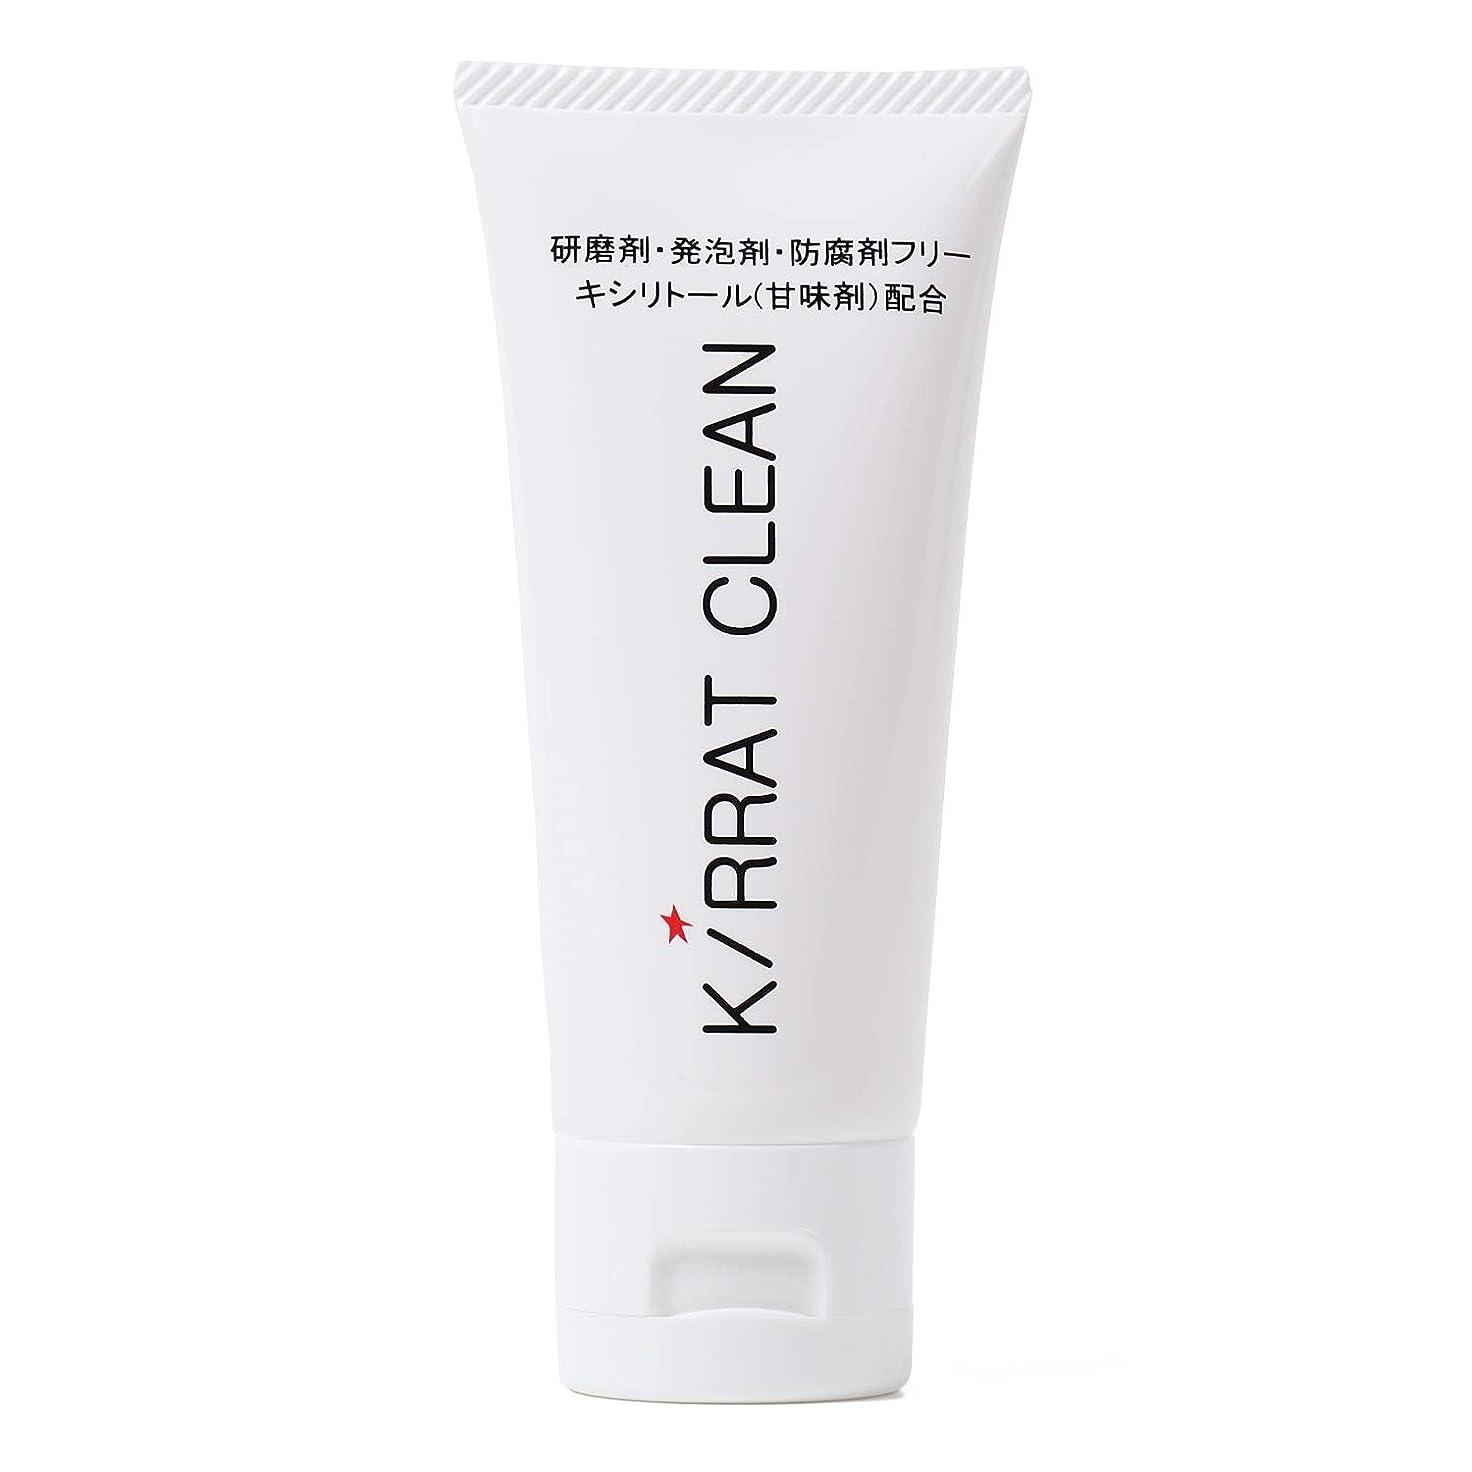 ぼんやりした光沢最終YUZO 歯磨き粉 キラットクリーン 60g 研磨剤 発泡剤 防腐剤フリー